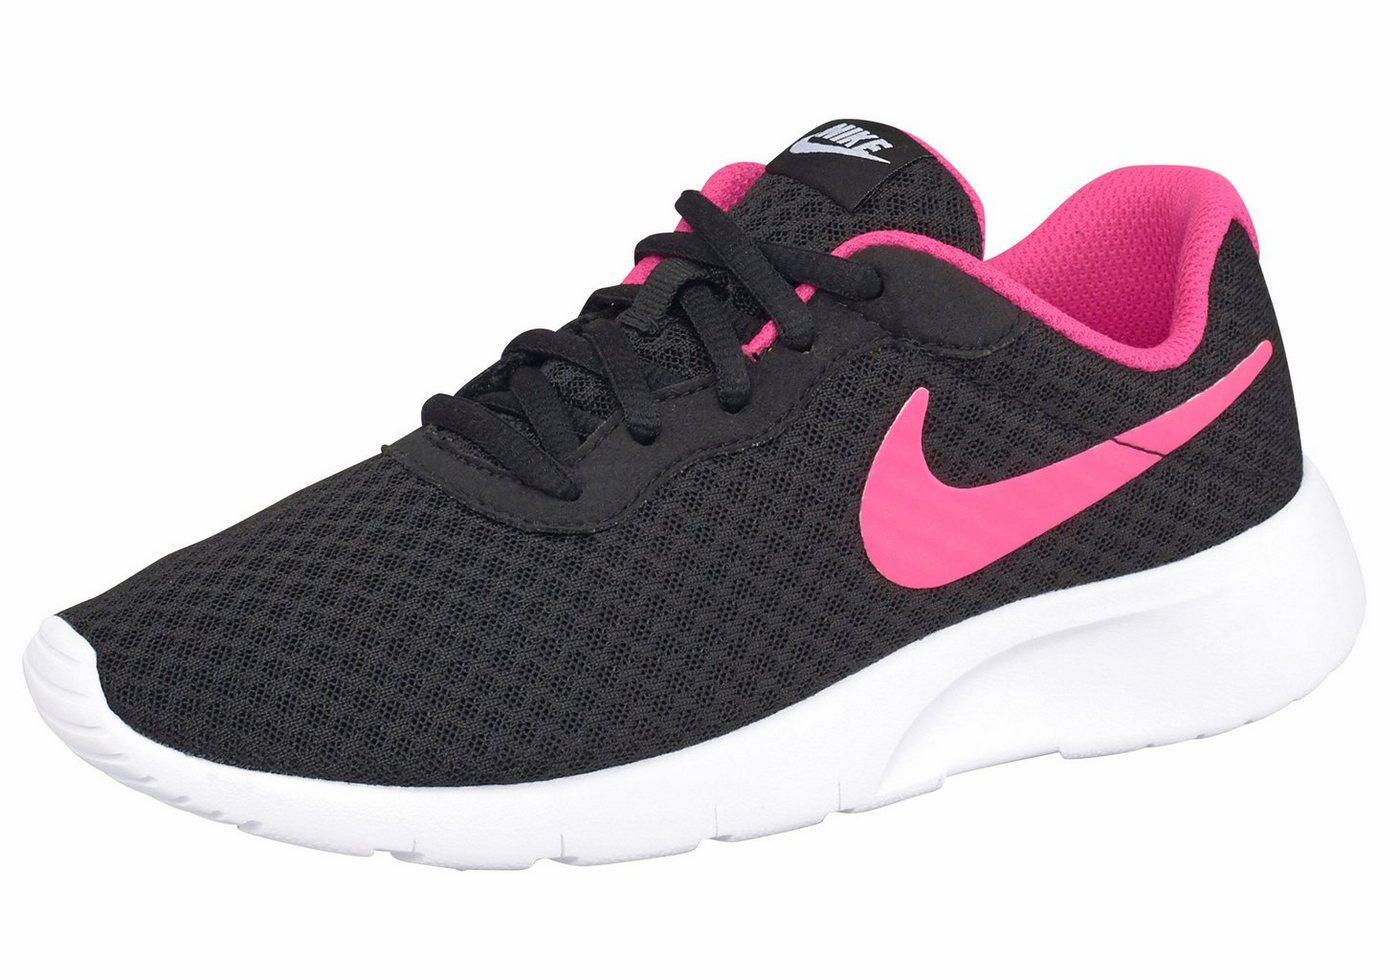 Damen Nike Sportswear Tanjun Sneaker schwarz   00886668220840